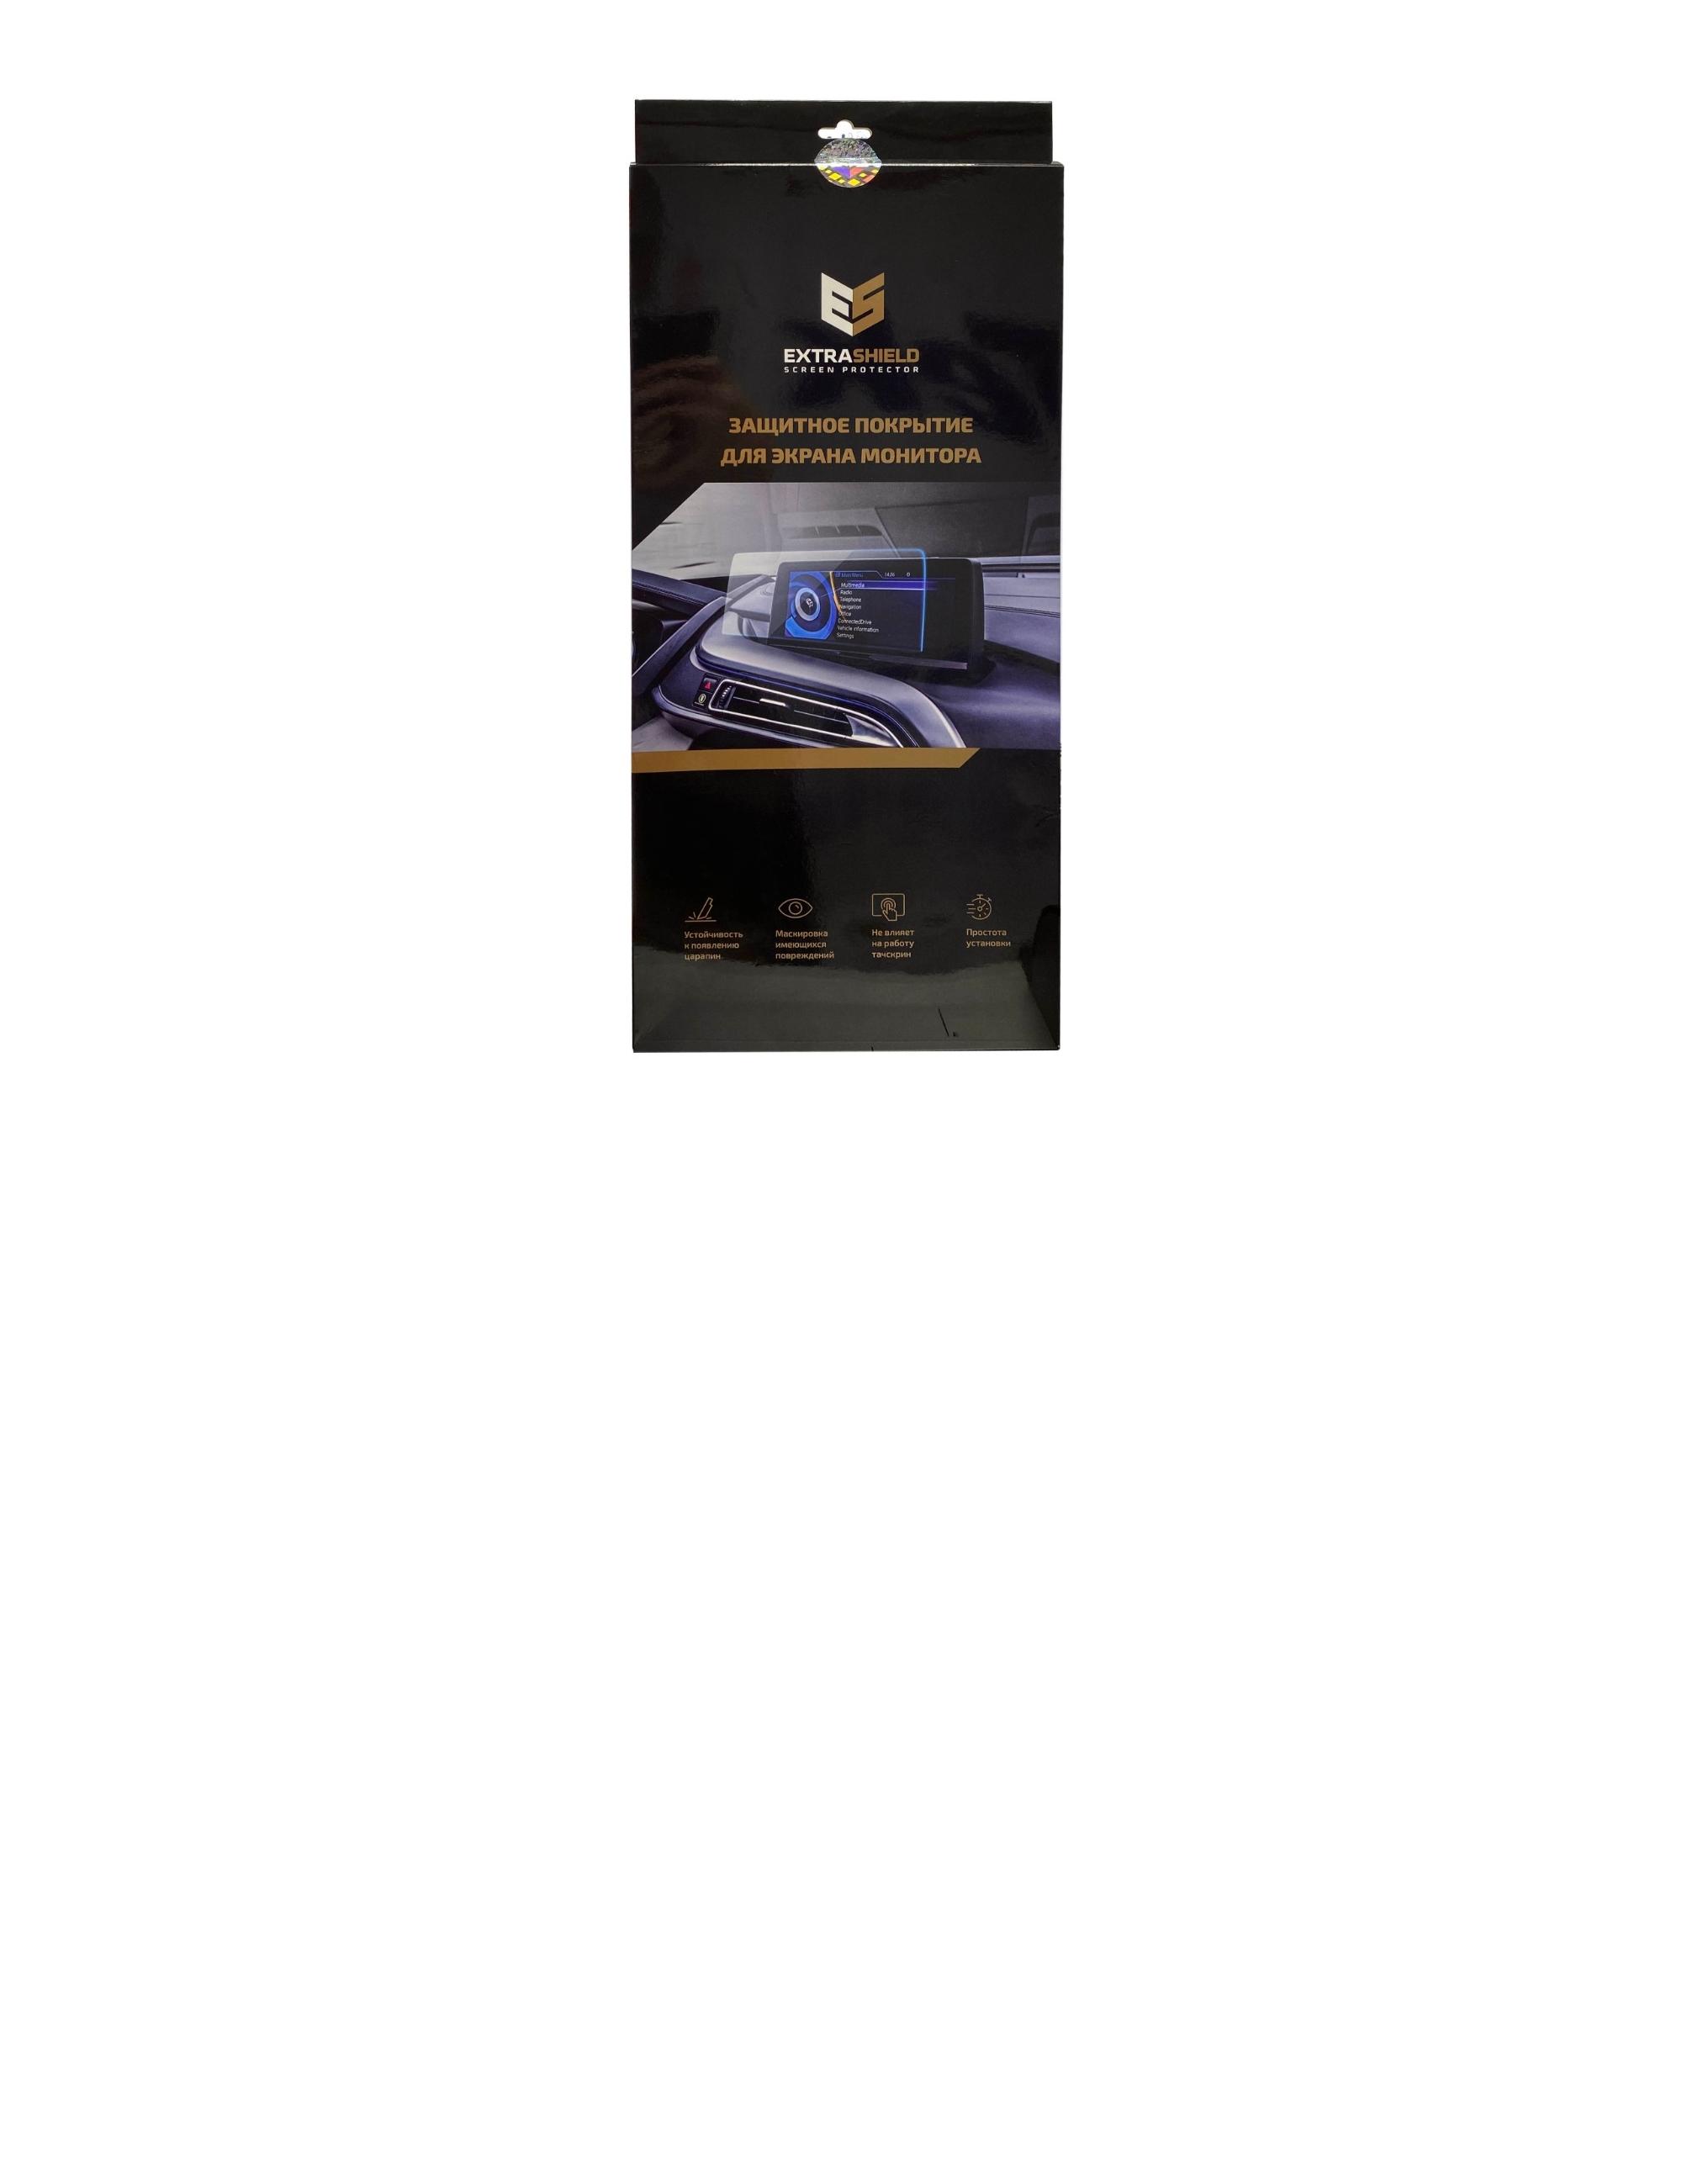 Jaguar XF 2015-2019 мультимедиа 8 Защитное стекло Матовая